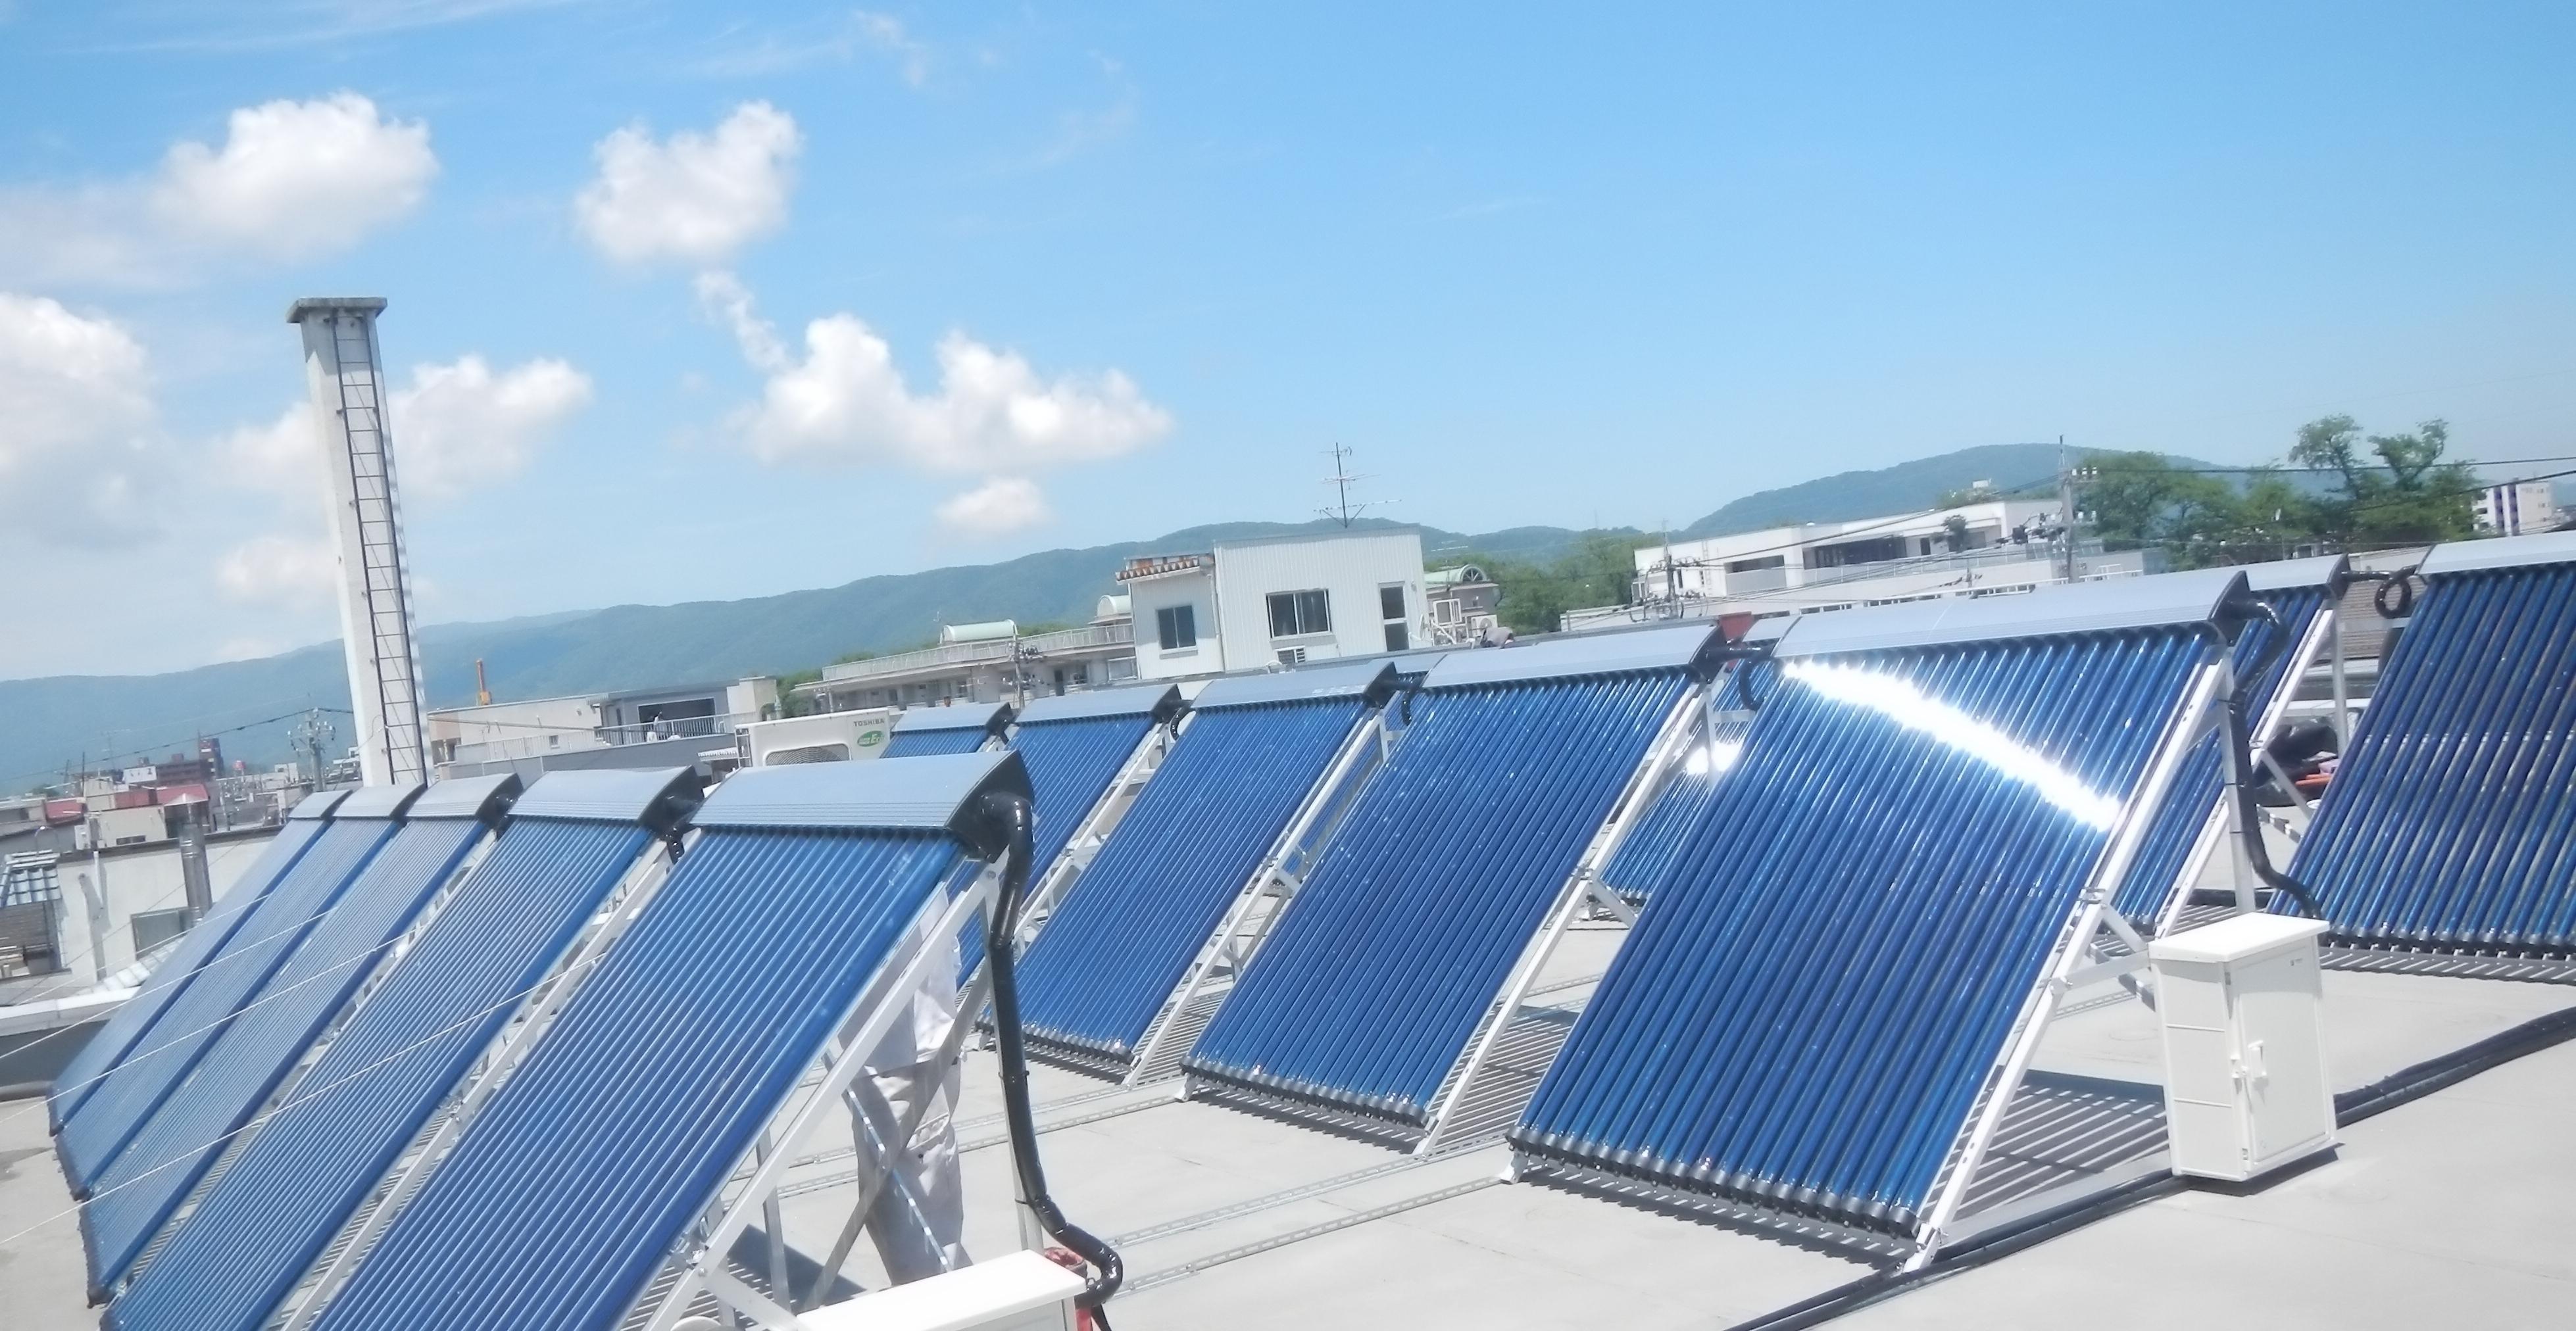 業務用太陽熱給湯システムの取付は、お問い合わせください。